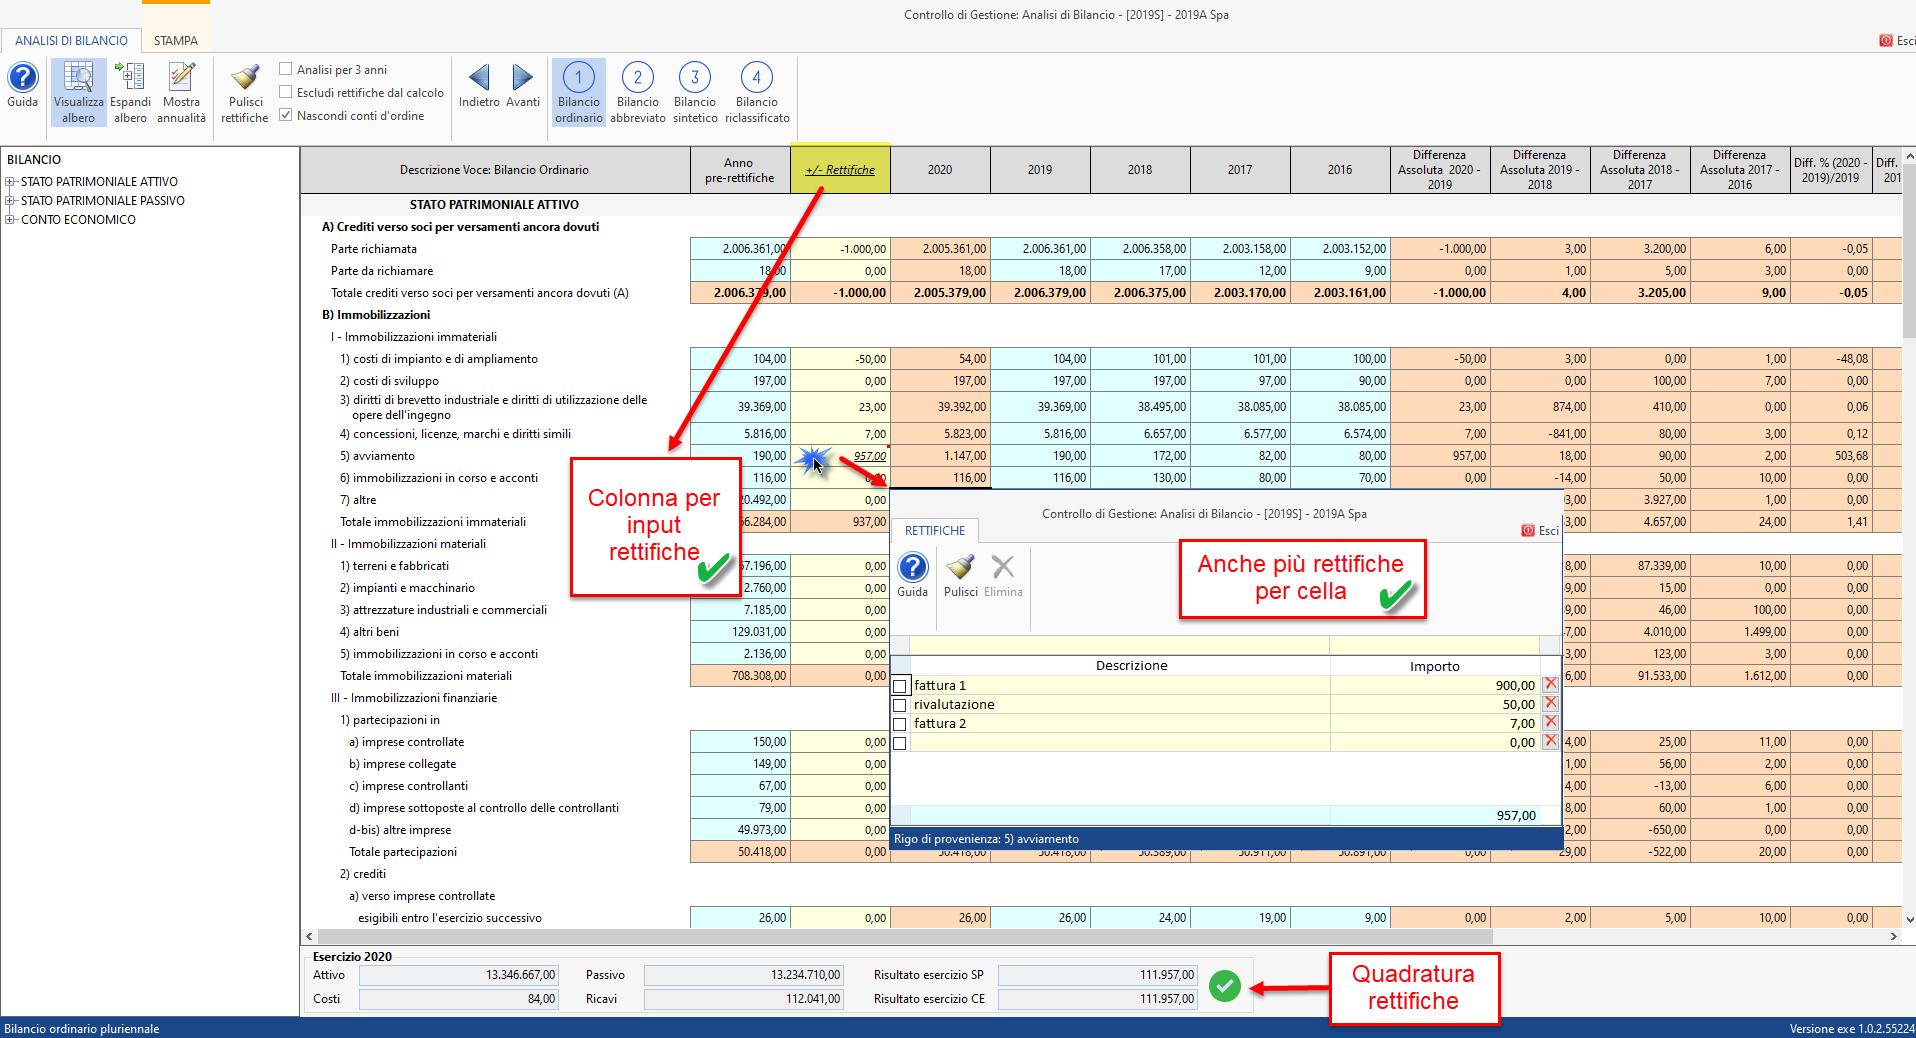 Controllo di Gestione: anticipazioni Analisi di Bilancio Sintetica - Rettifiche utente